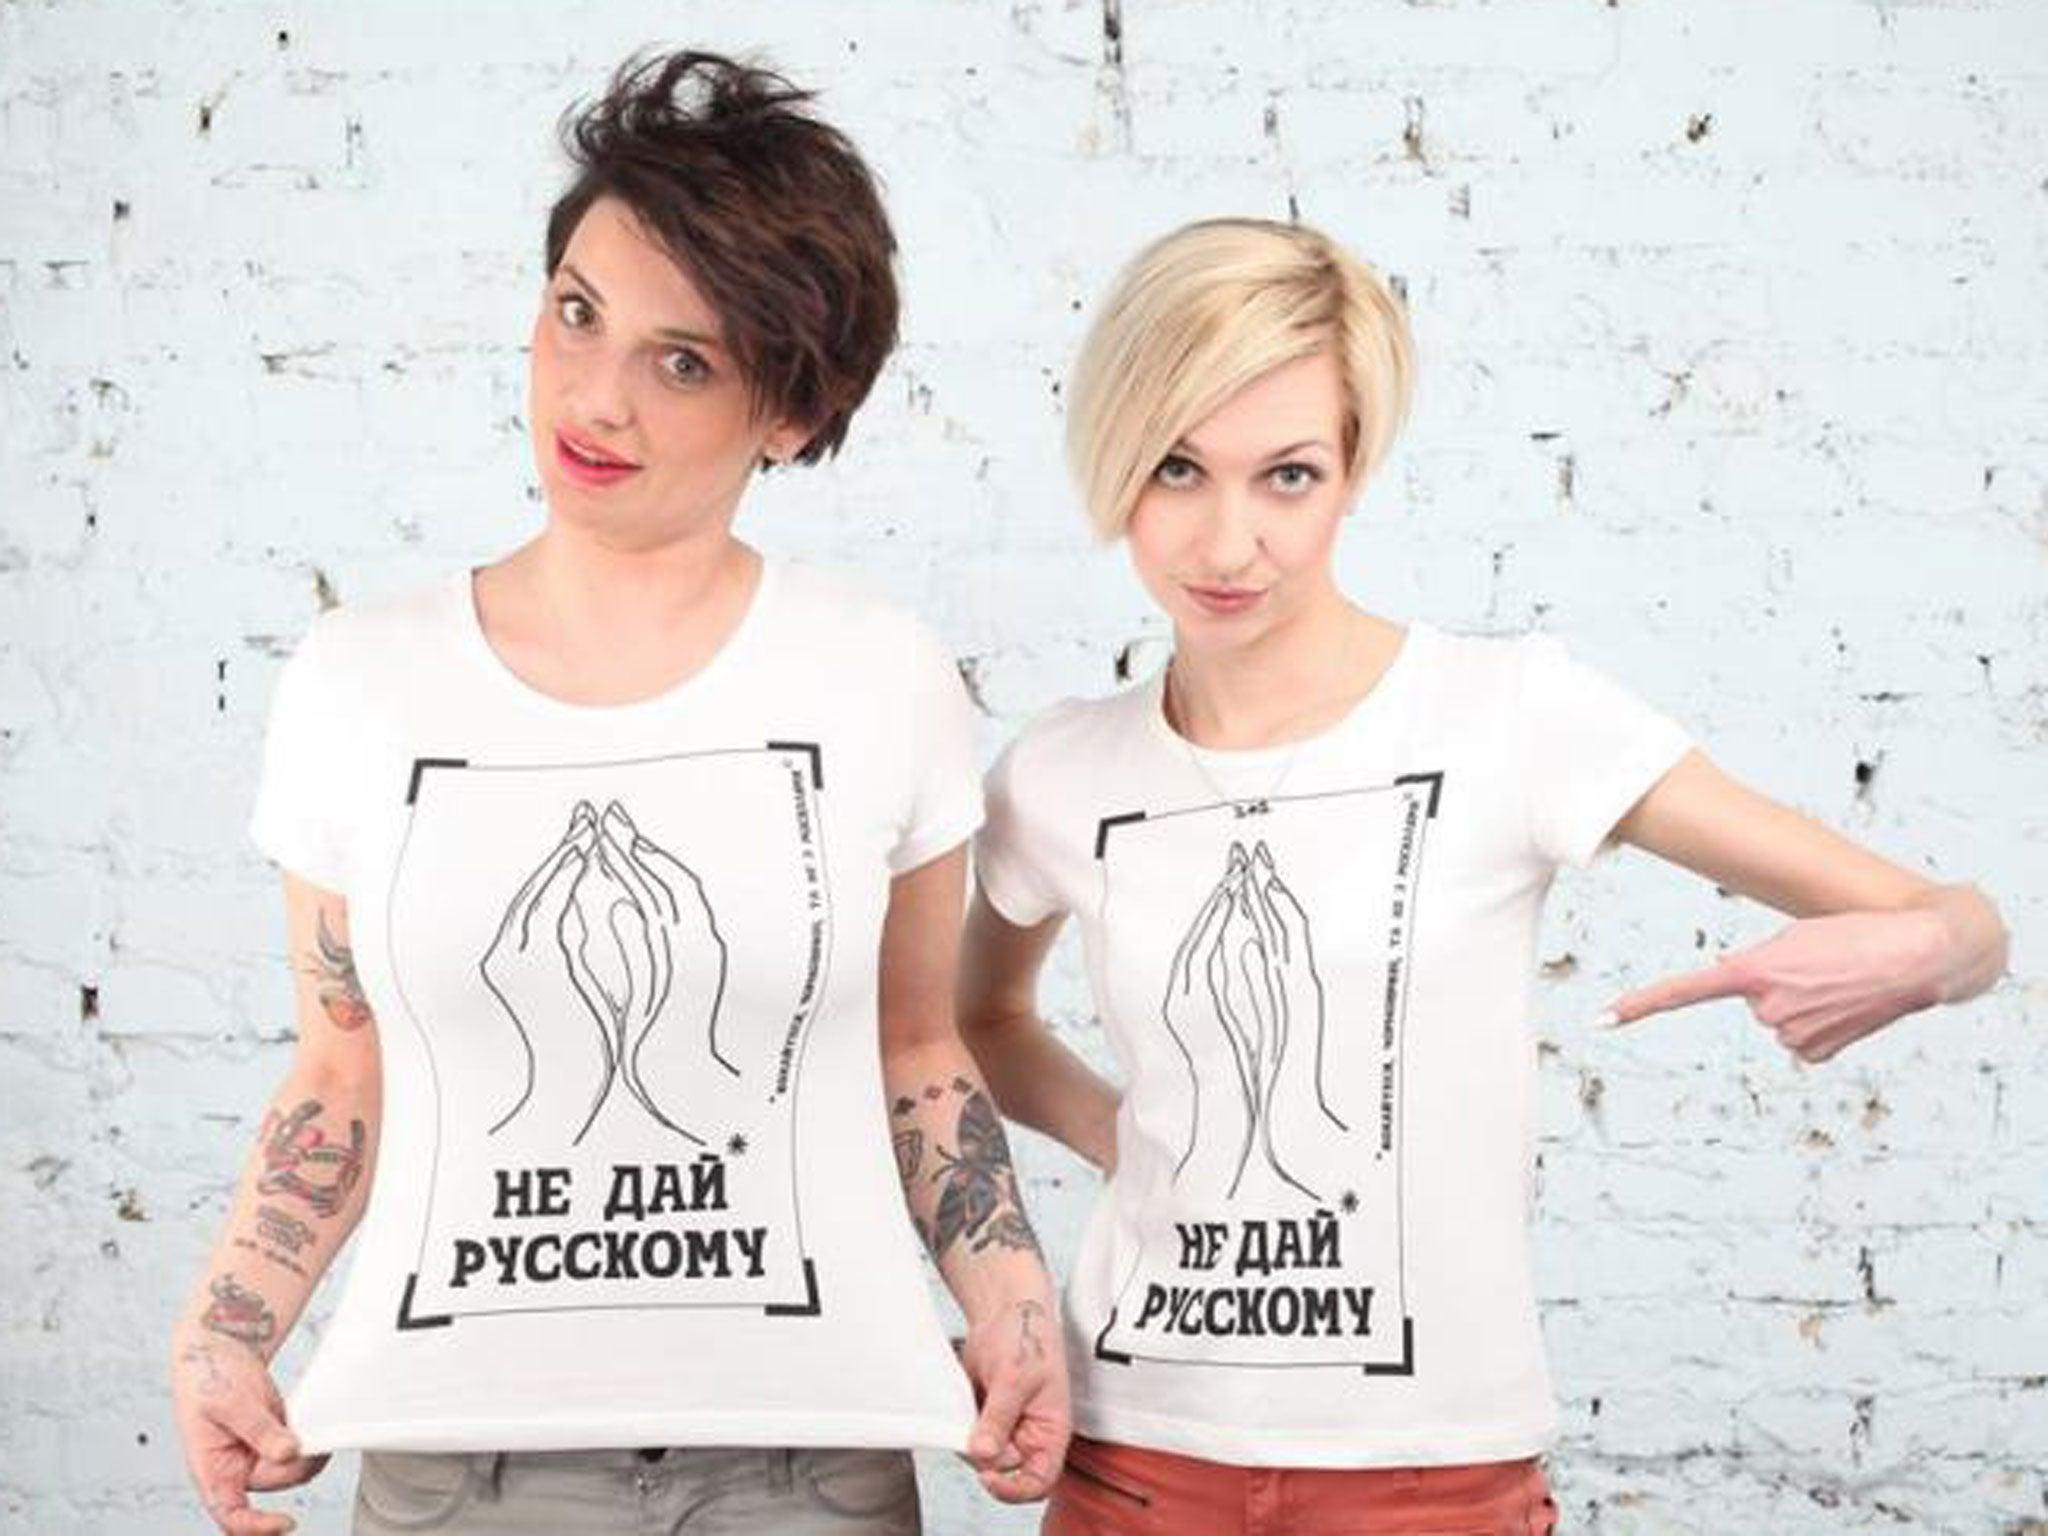 Русские и украинские девушки 6 фотография